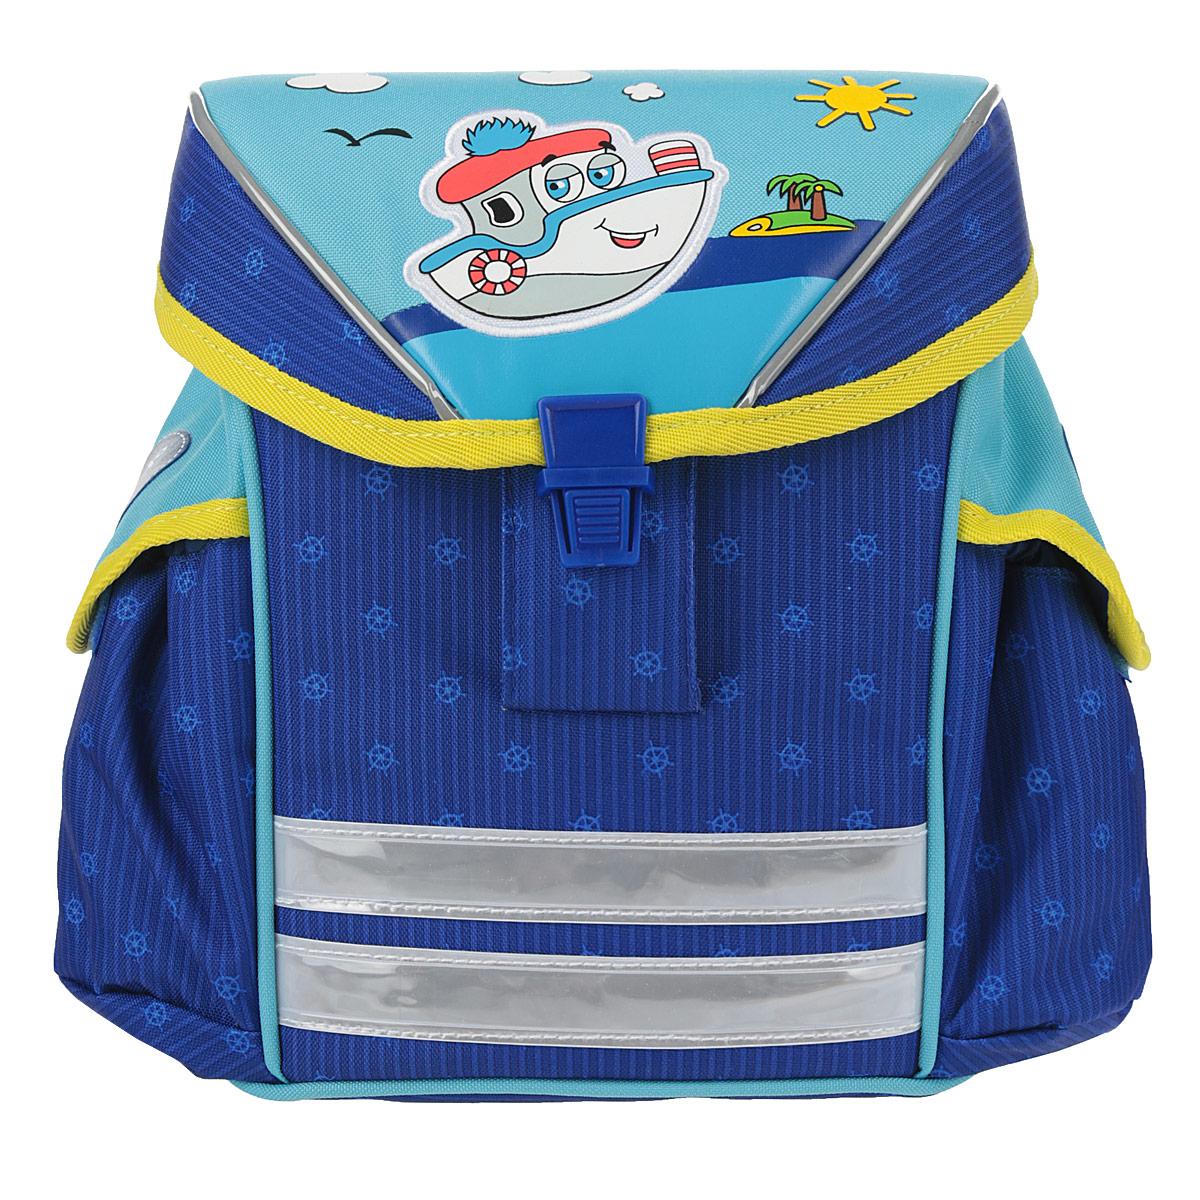 Мини-ранец Artberry Кораблик, цвет: синий, голубой37397Мини-ранец Artberry Кораблик обязательно понравится вашему ребенку. Выполнен из высококачественных, износостойких материалов с водоотталкивающей пропиткой и оформлен изображением веселого кораблика.Содержит одно вместительное отделение, закрывающееся клапаном на застежку-защелку. Внутри отделения имеется открытый небольшой кармашек. Мини-ранец имеет два накладных боковых кармана на липучке. Спинка ранца достаточно твердая, что способствует равномерному распределению нагрузки и формированию правильной осанки. Ранец оснащен регулируемыми по длине плечевыми ремнями и дополнен текстильной ручкой для переноски. Светоотражающие элементы обеспечивают дополнительную безопасность в темное время суток.Этот мини-ранец можно использовать для повседневных прогулок, отдыха и спорта, а также как элемент вашего имиджа.Рекомендуемый возраст: от 3 лет.